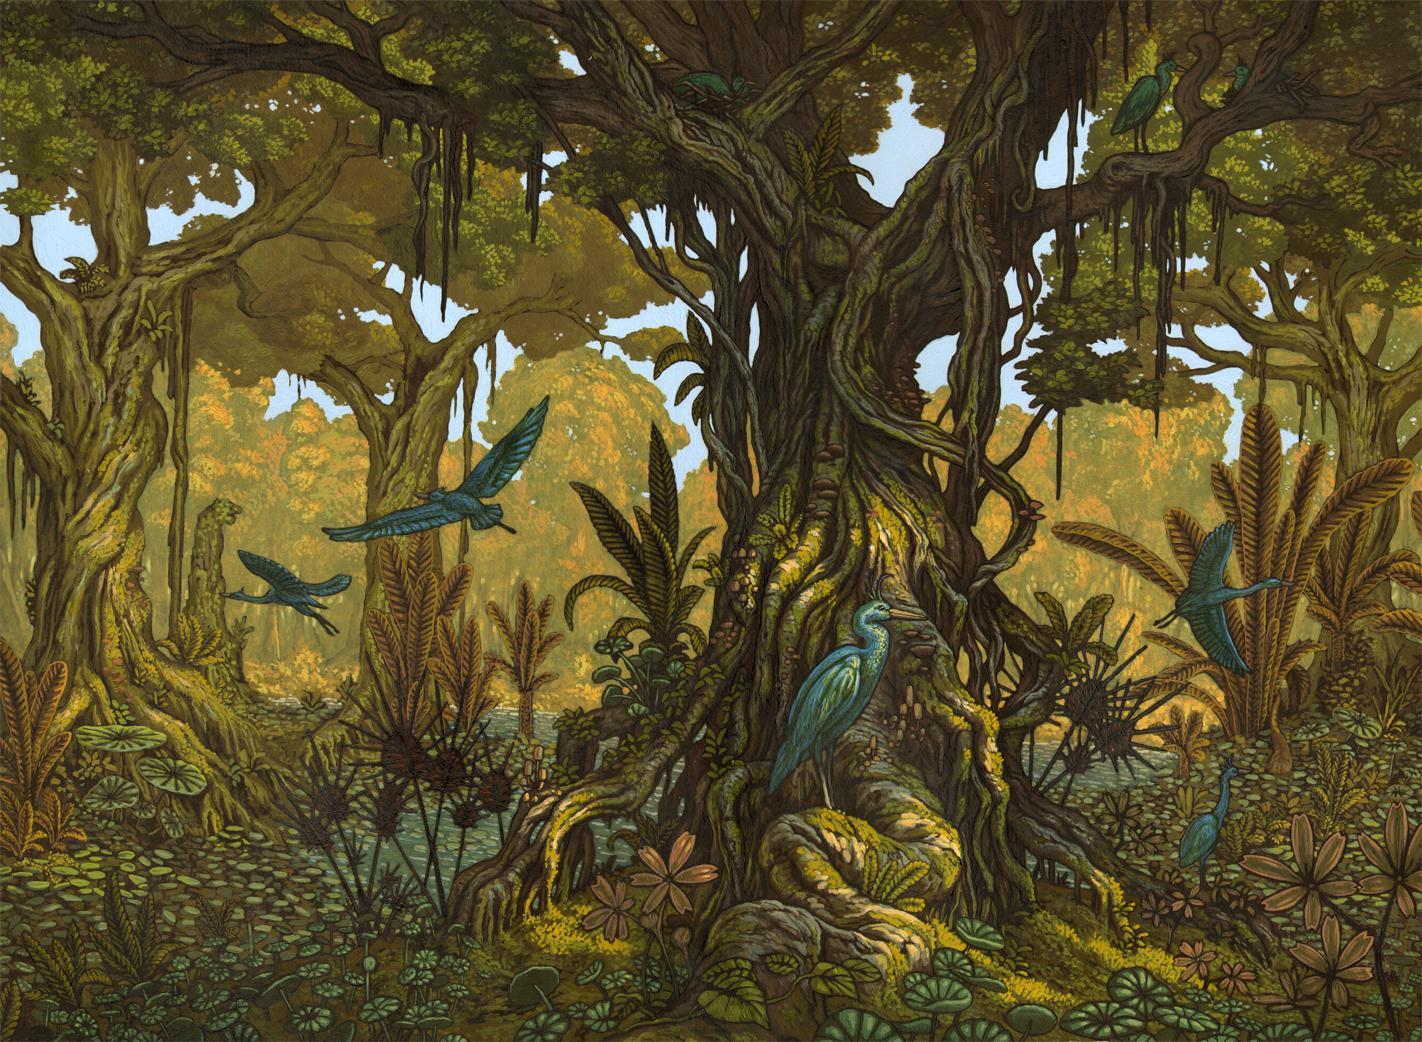 simlac illustrateur l 39 arbre au oiseaux bleus. Black Bedroom Furniture Sets. Home Design Ideas